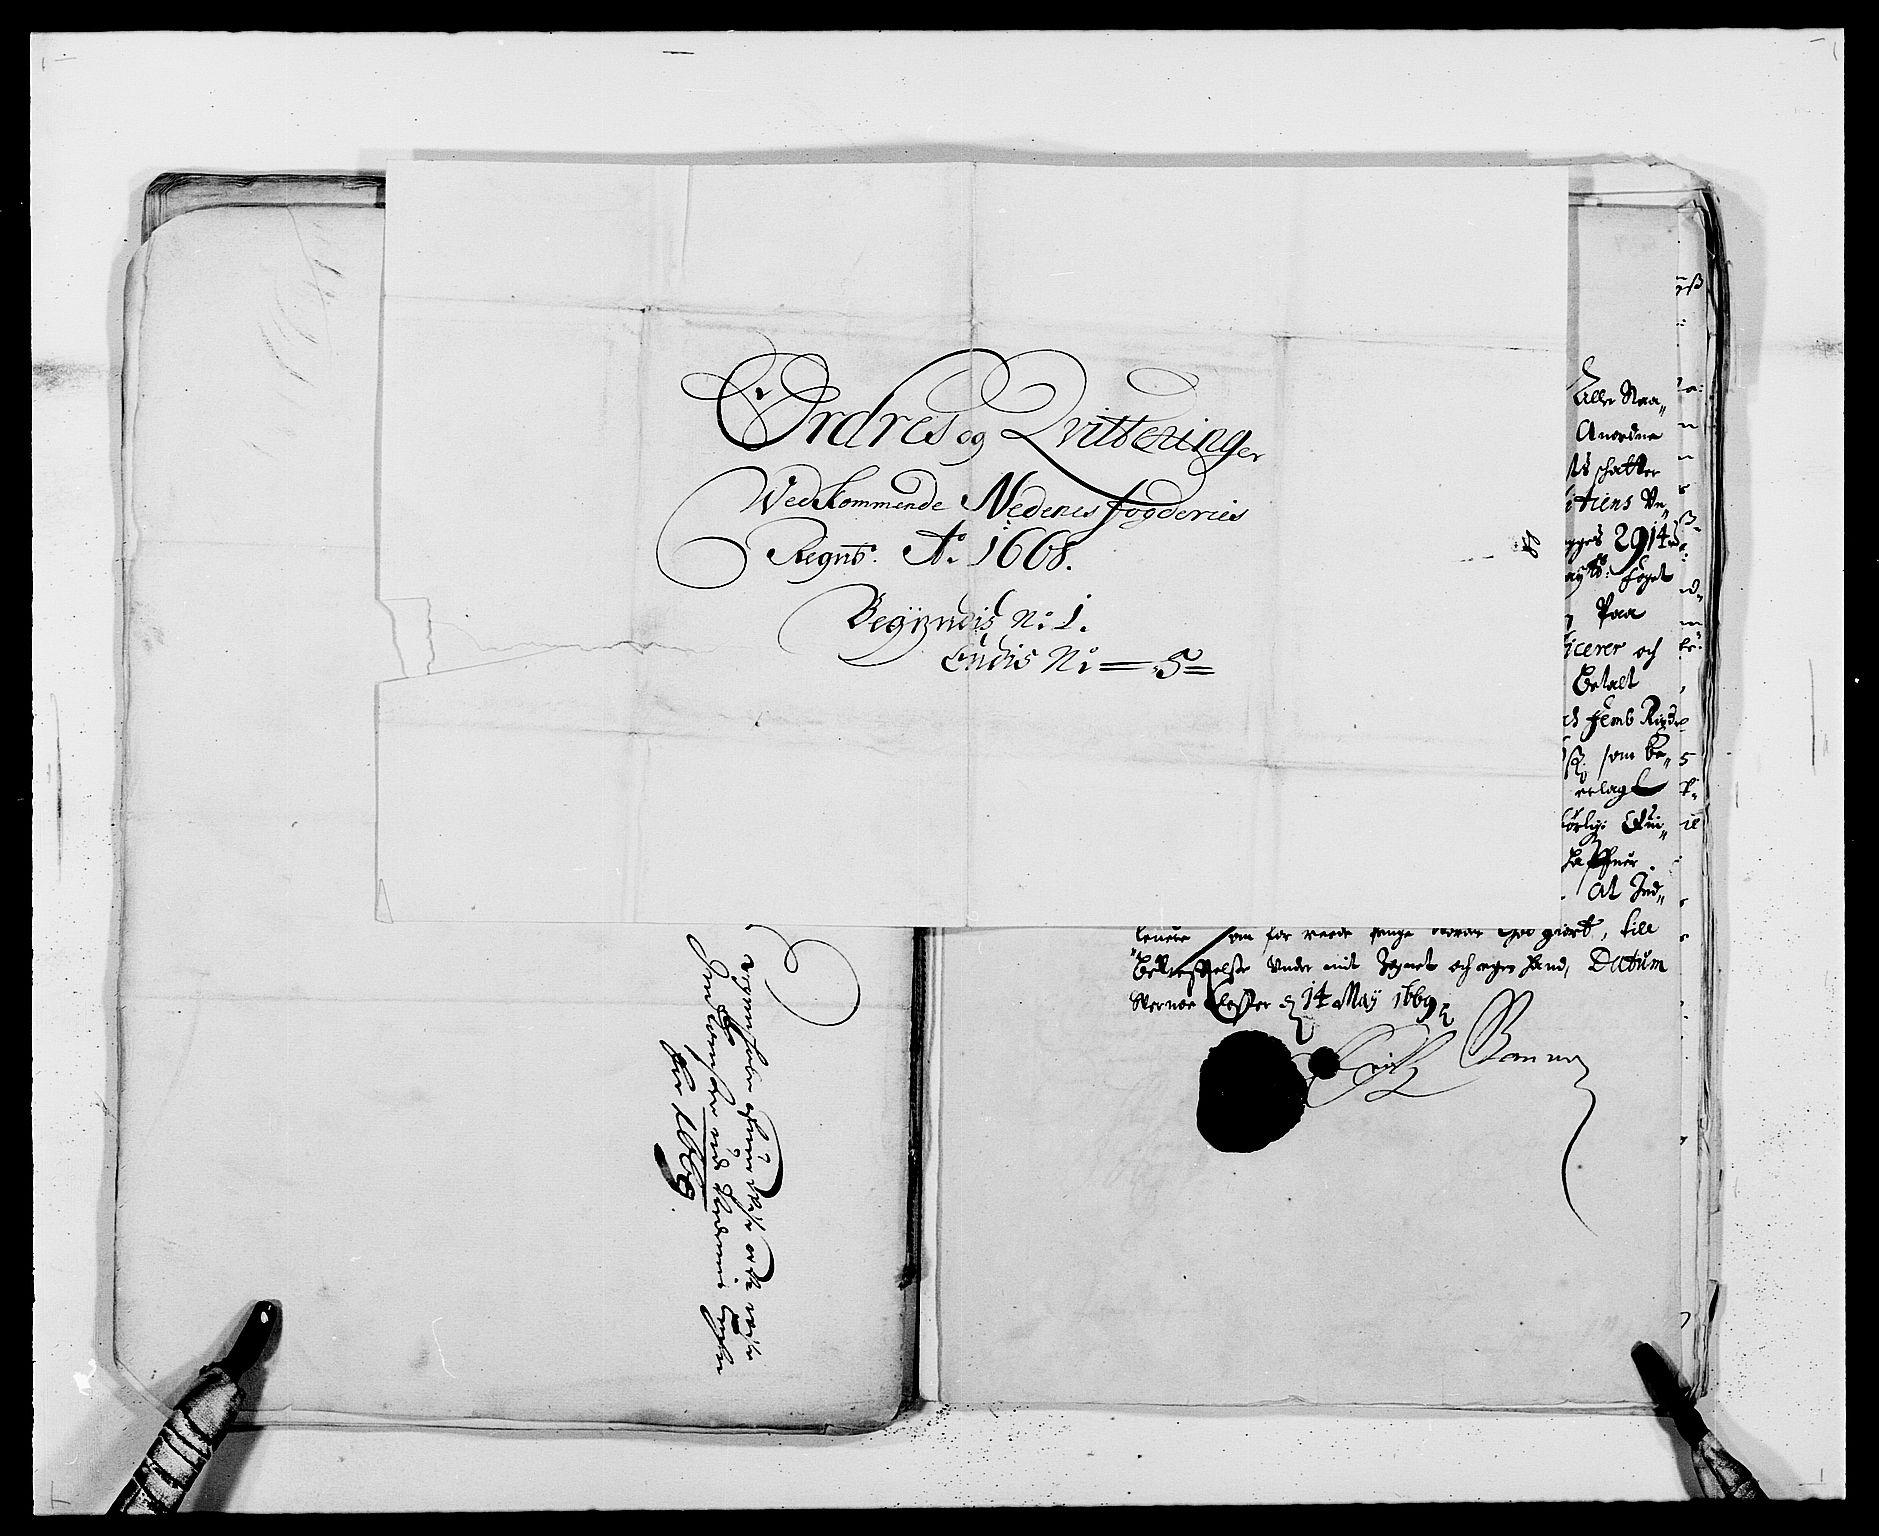 RA, Rentekammeret inntil 1814, Reviderte regnskaper, Fogderegnskap, R39/L2298: Fogderegnskap Nedenes, 1667-1669, s. 104